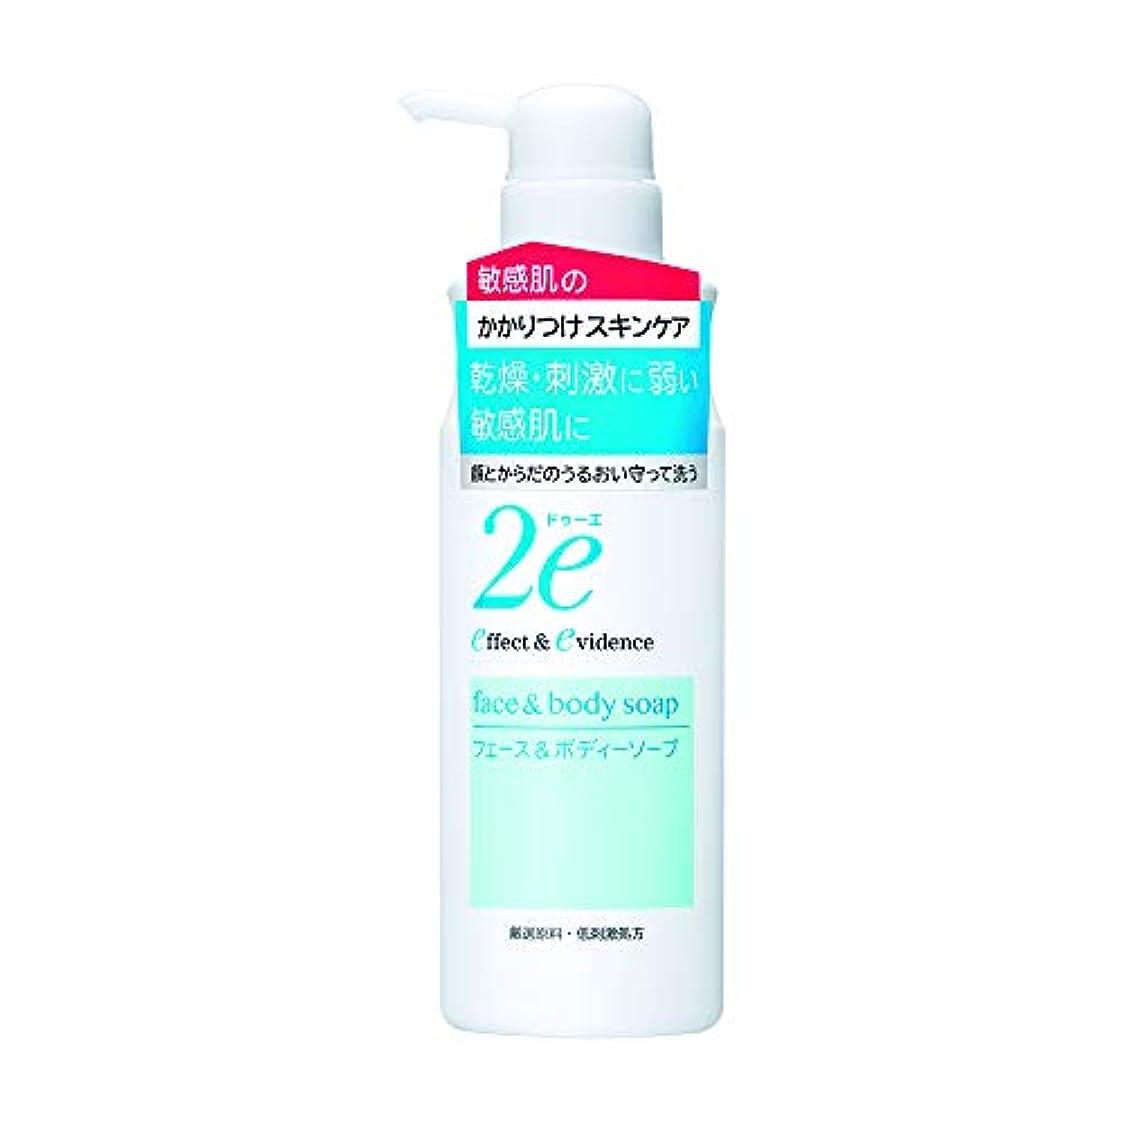 沿って思い出させる依存する2e(ドゥーエ) フェース&ボディーソープ 敏感肌用洗浄料 低刺激処方 420ml ボディソープ